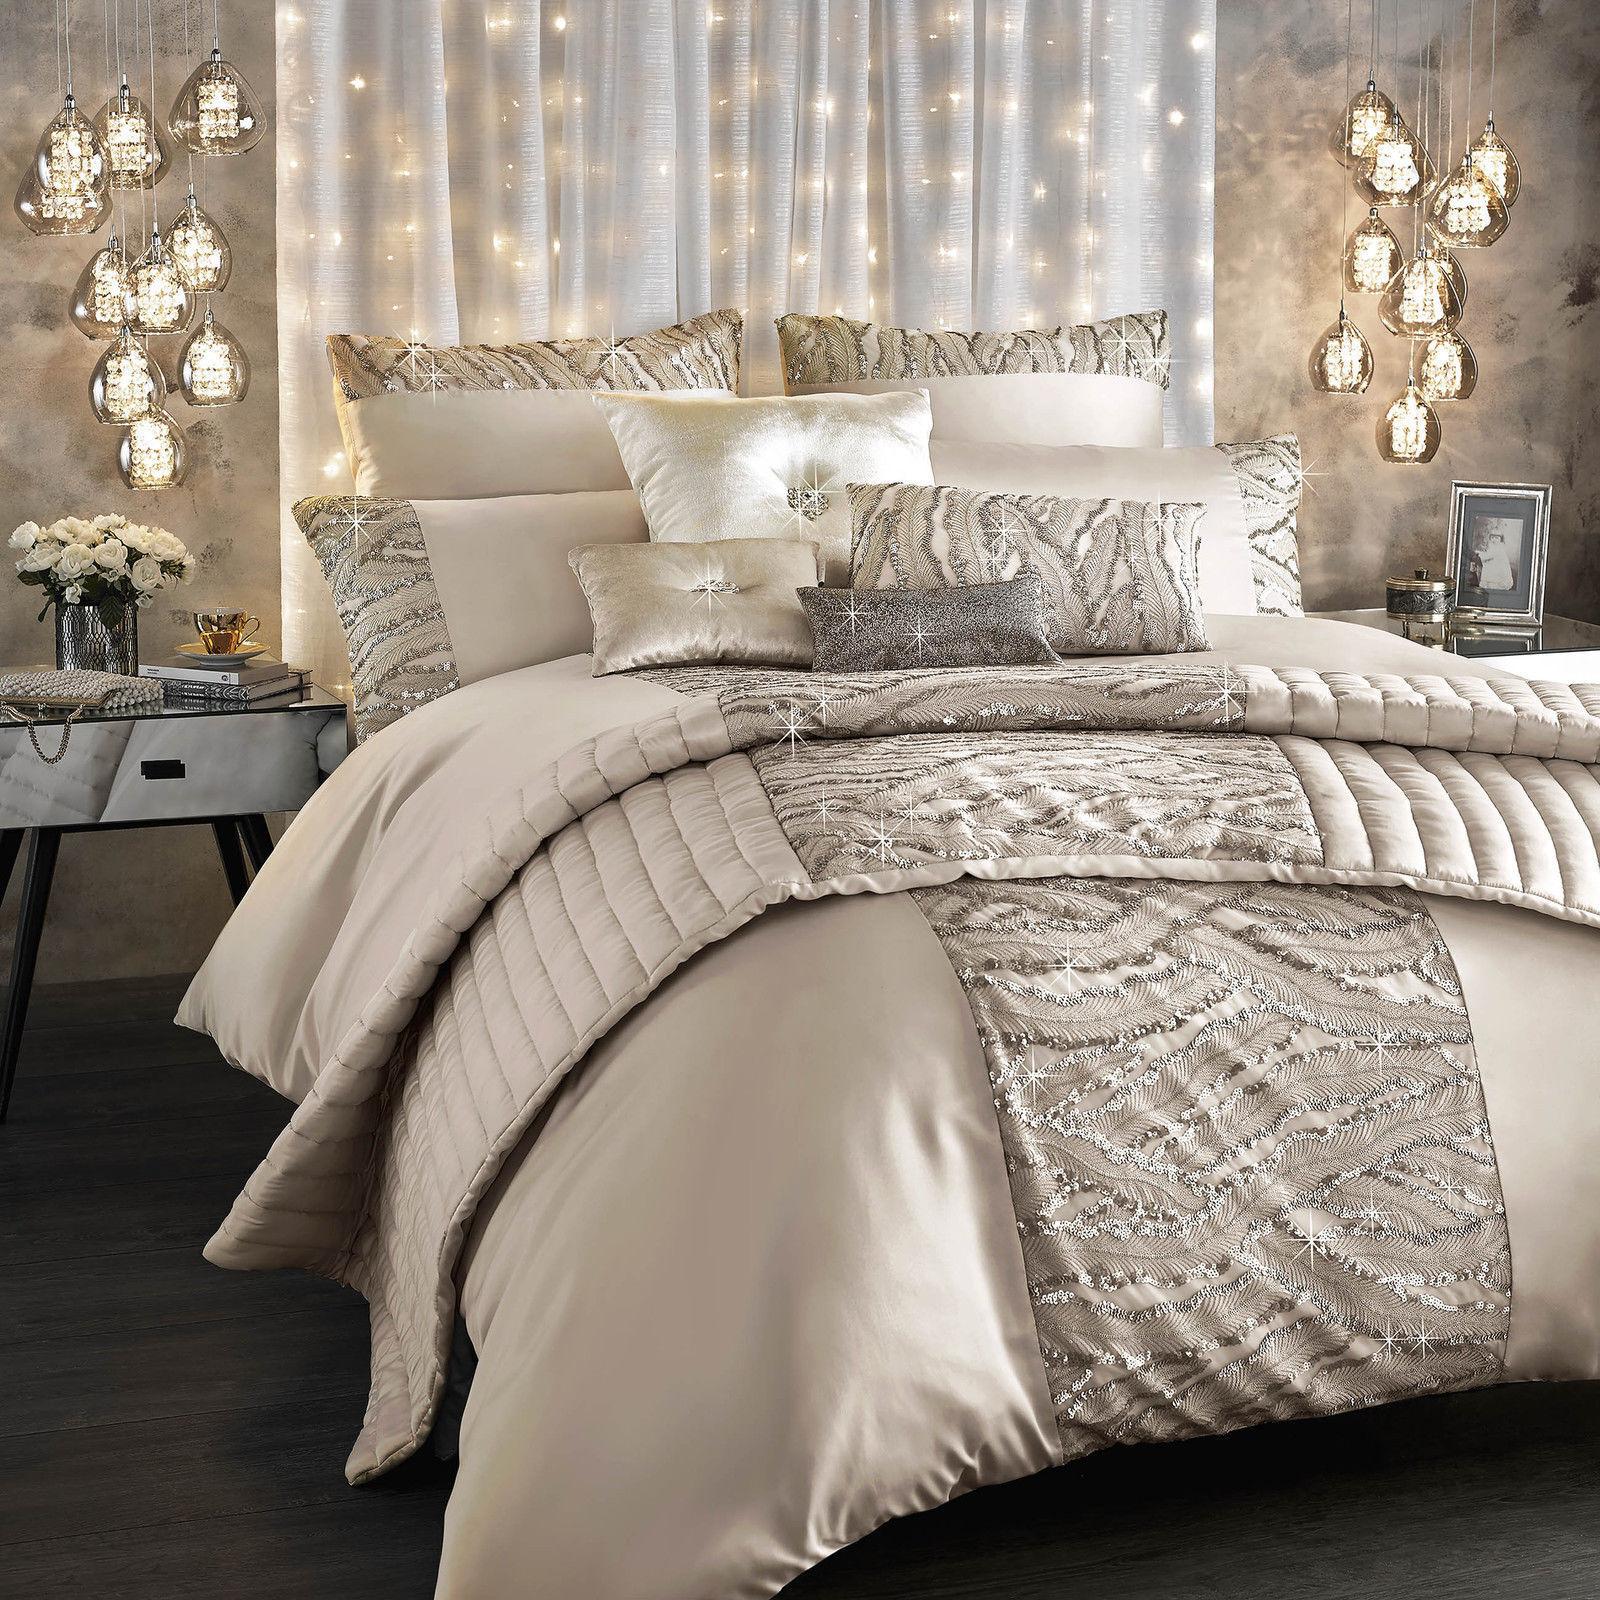 Designer Kylie Minogue Bedding CELESTE Embelished GlamGoldus Bedding